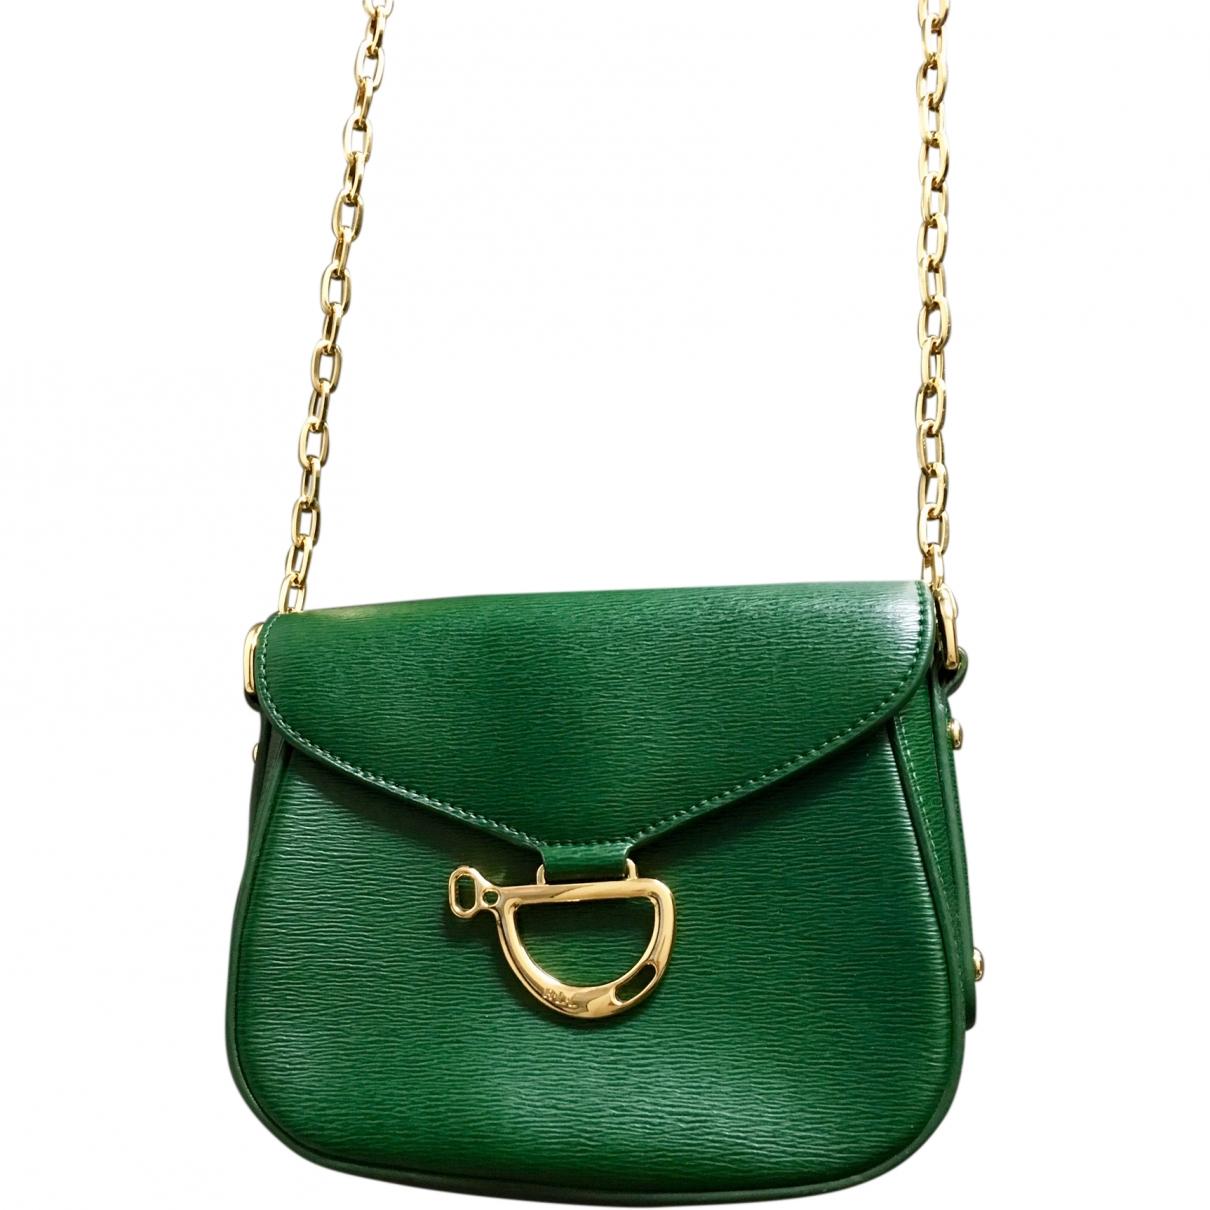 Lauren Ralph Lauren \N Green Leather handbag for Women \N